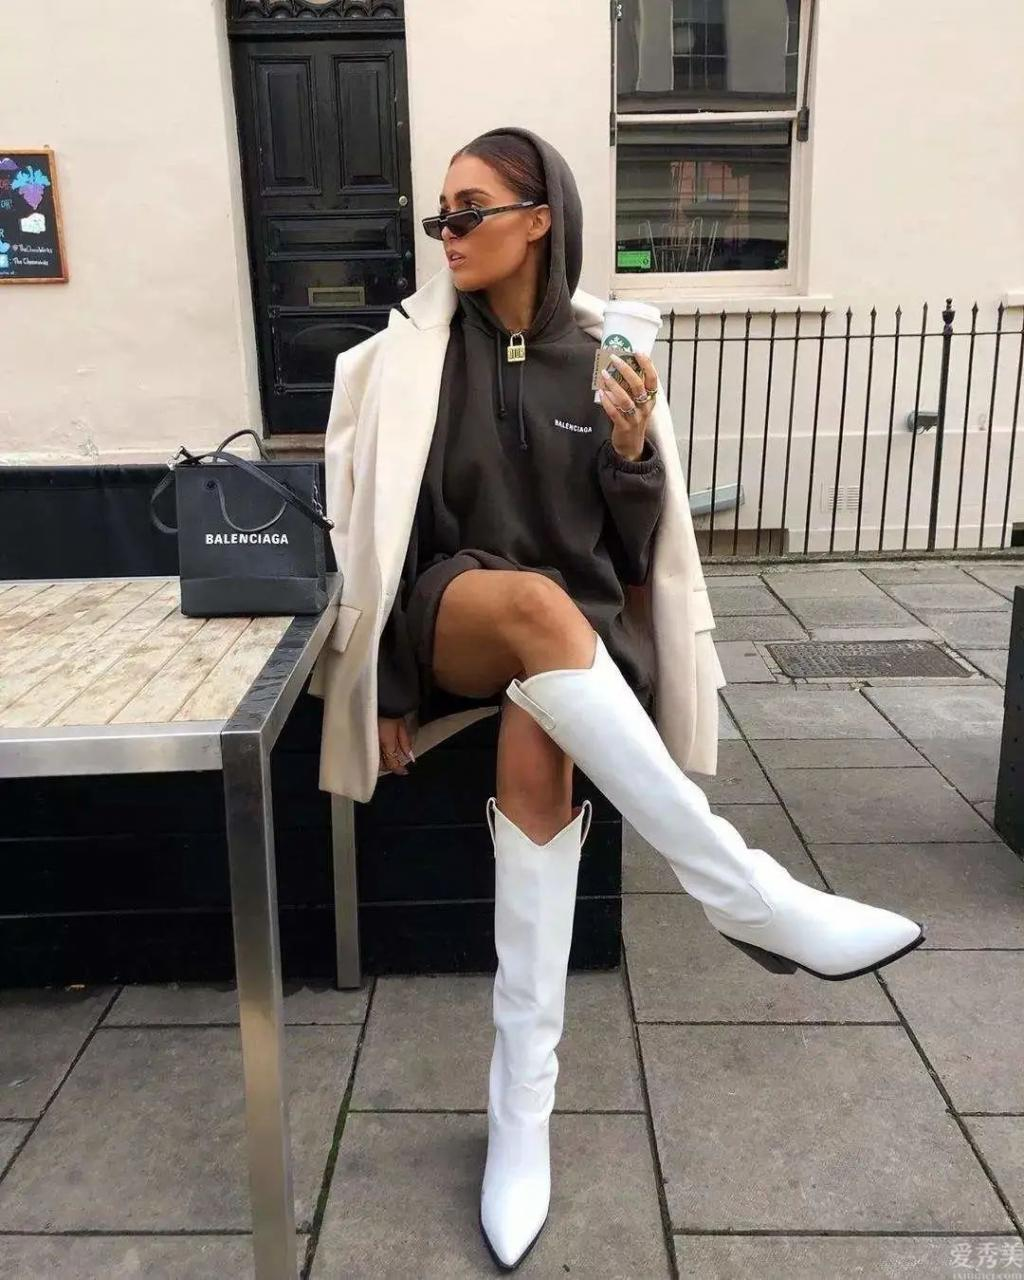 馬丁鞋打入冷宮瞭,冬天穿長大衣流行配這3對靴子,潮流趨勢還顯腿長